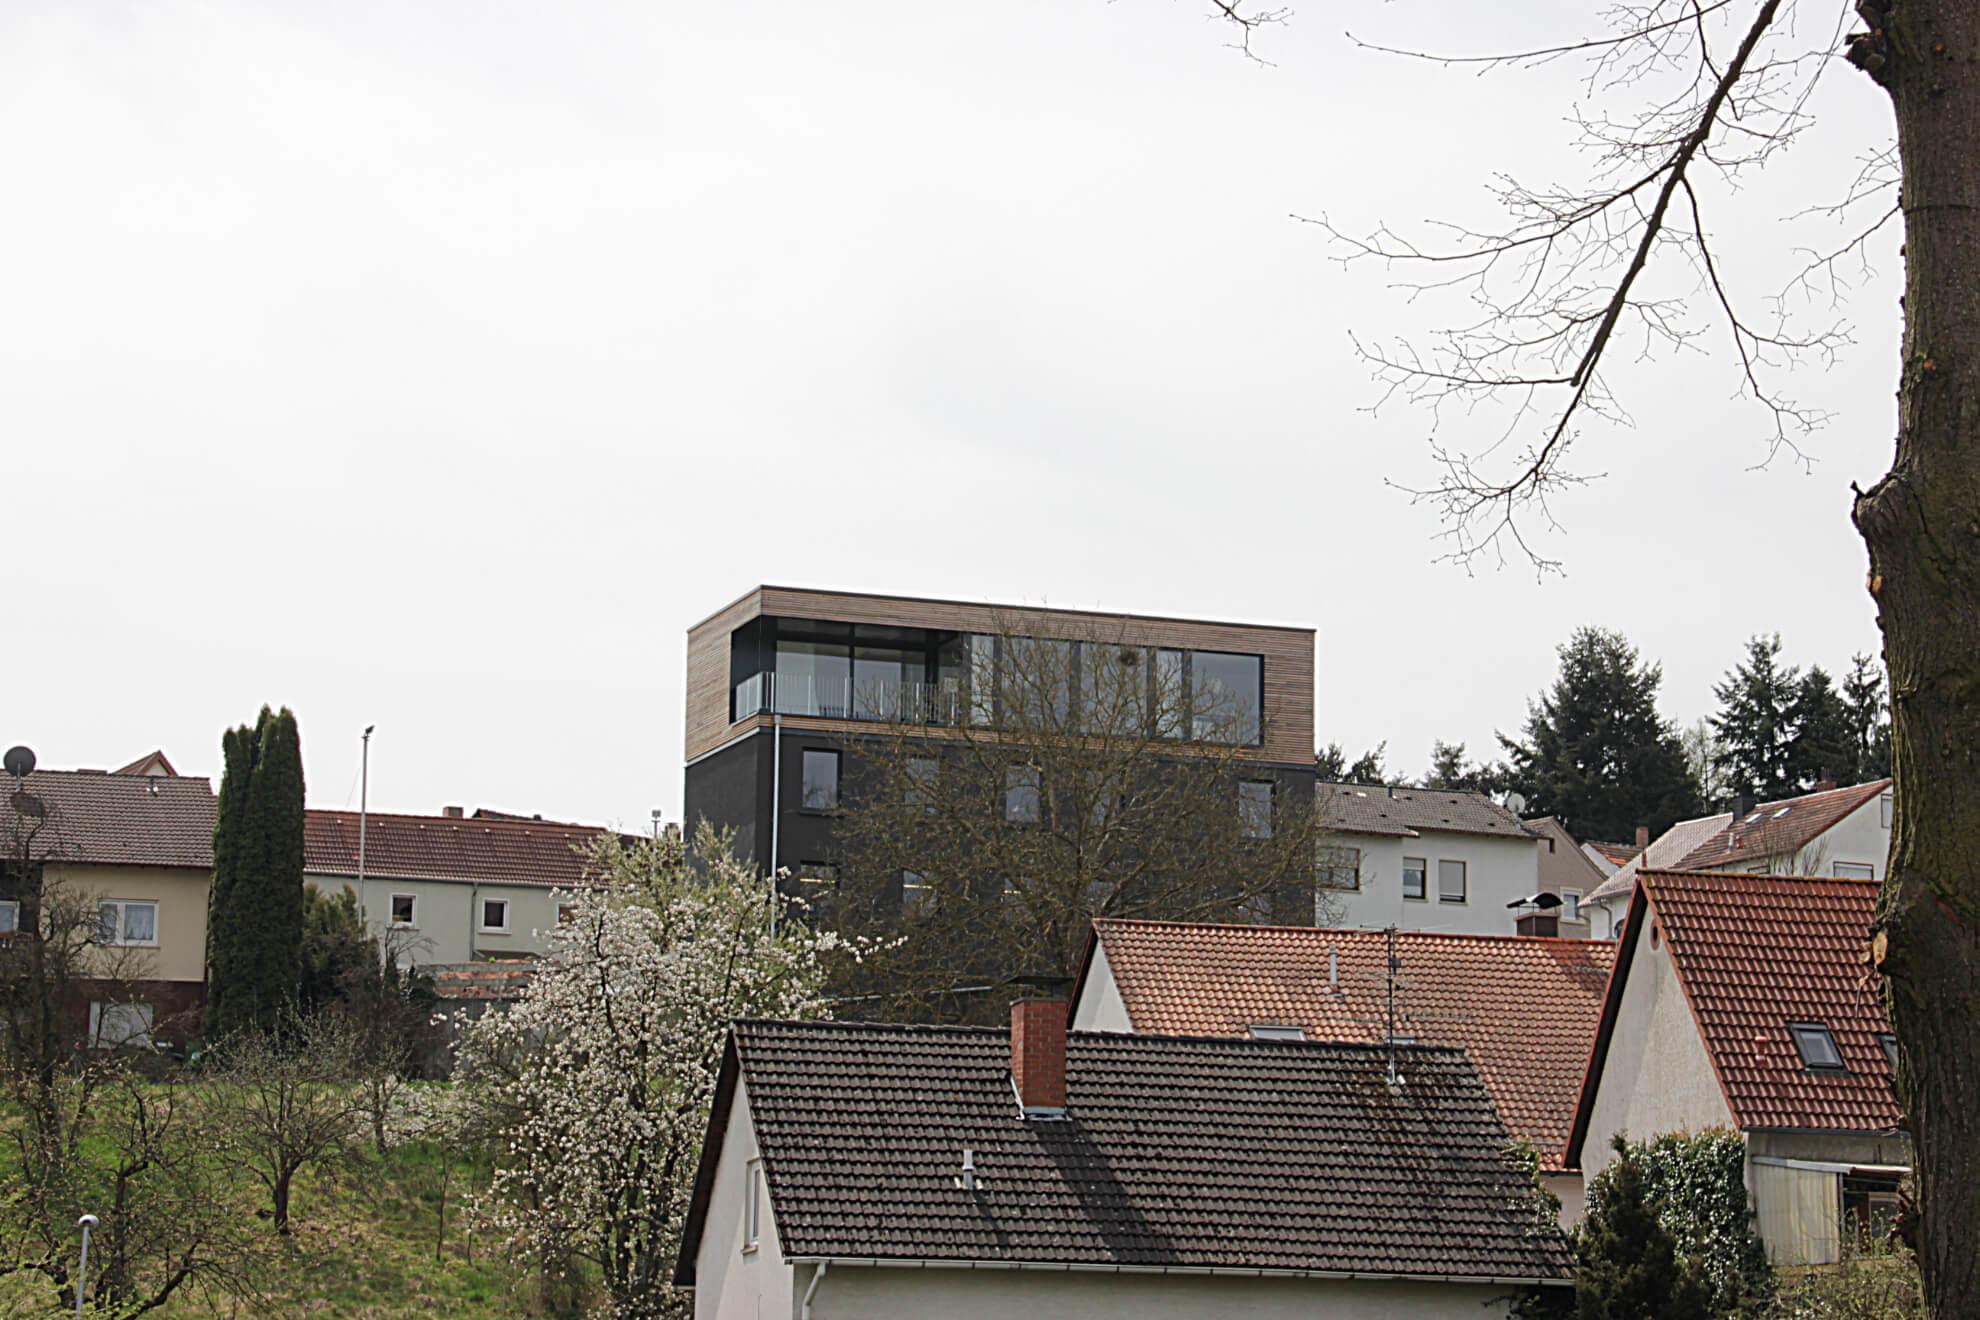 TS68-04-marcbetz architekten